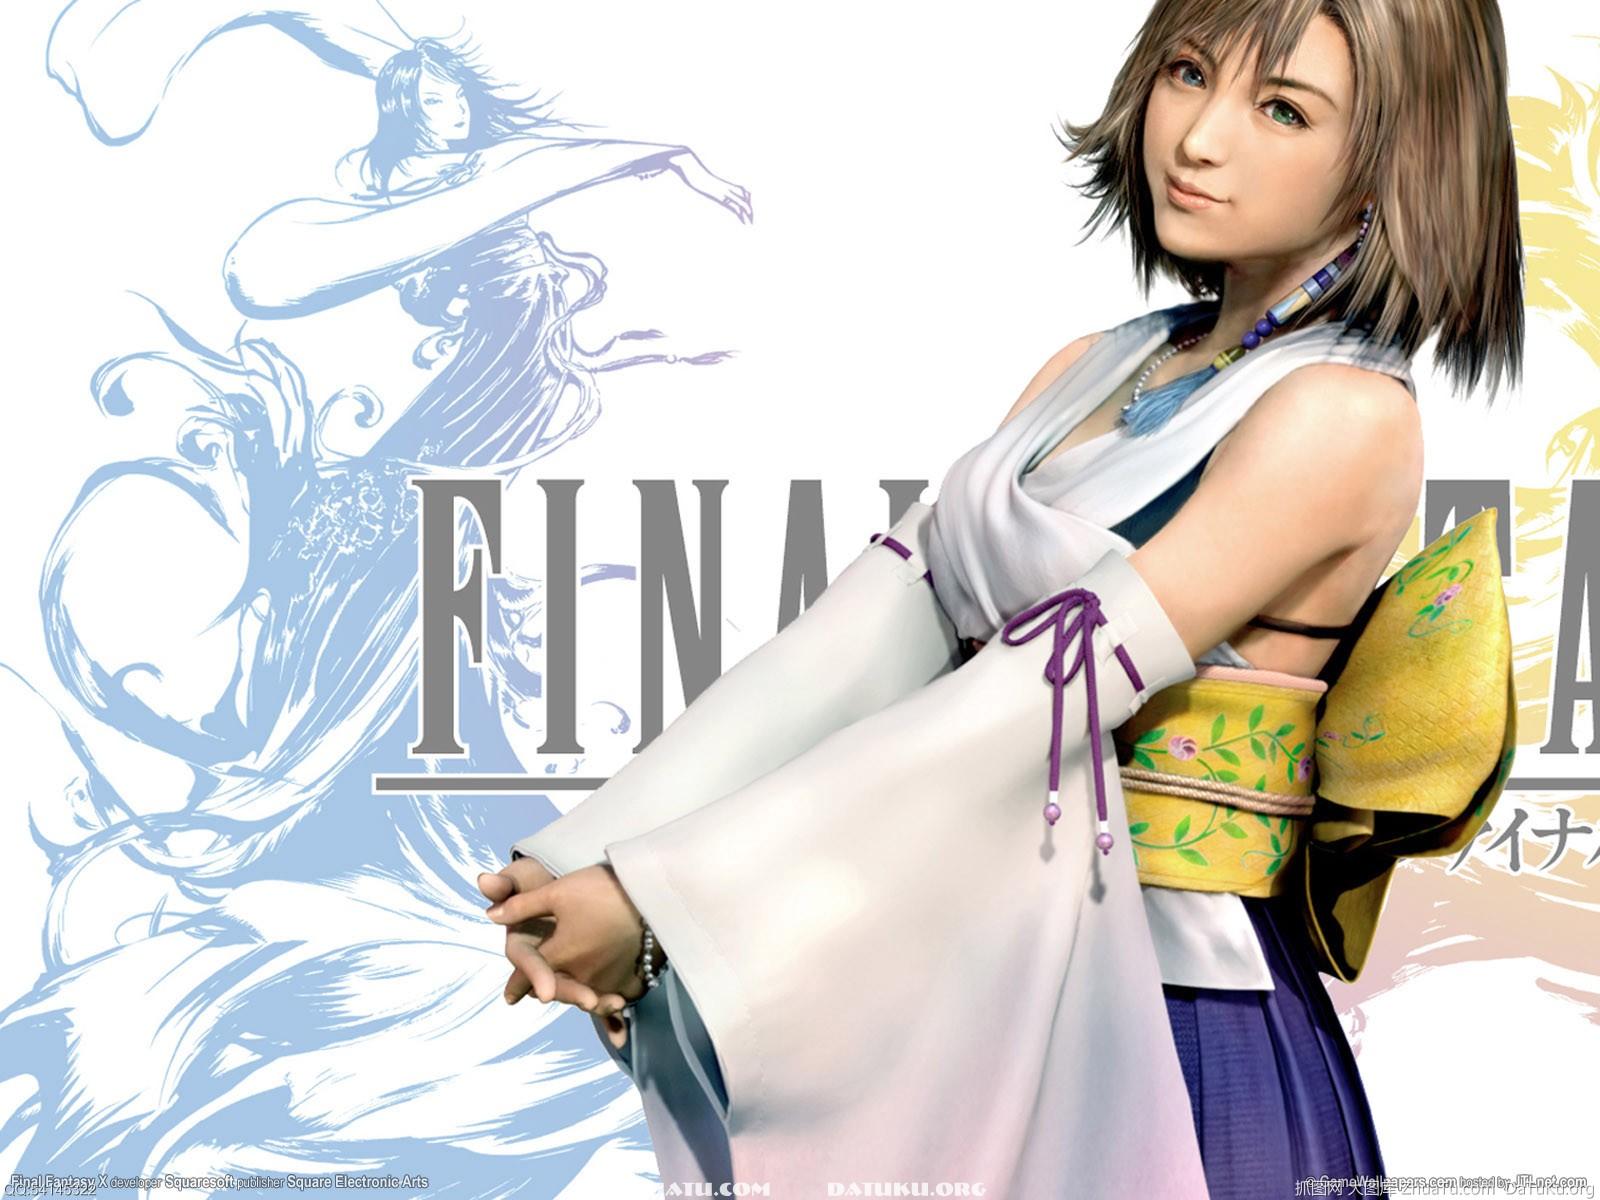 最终幻想10最新游戏壁纸鉴赏 尤娜的魅力